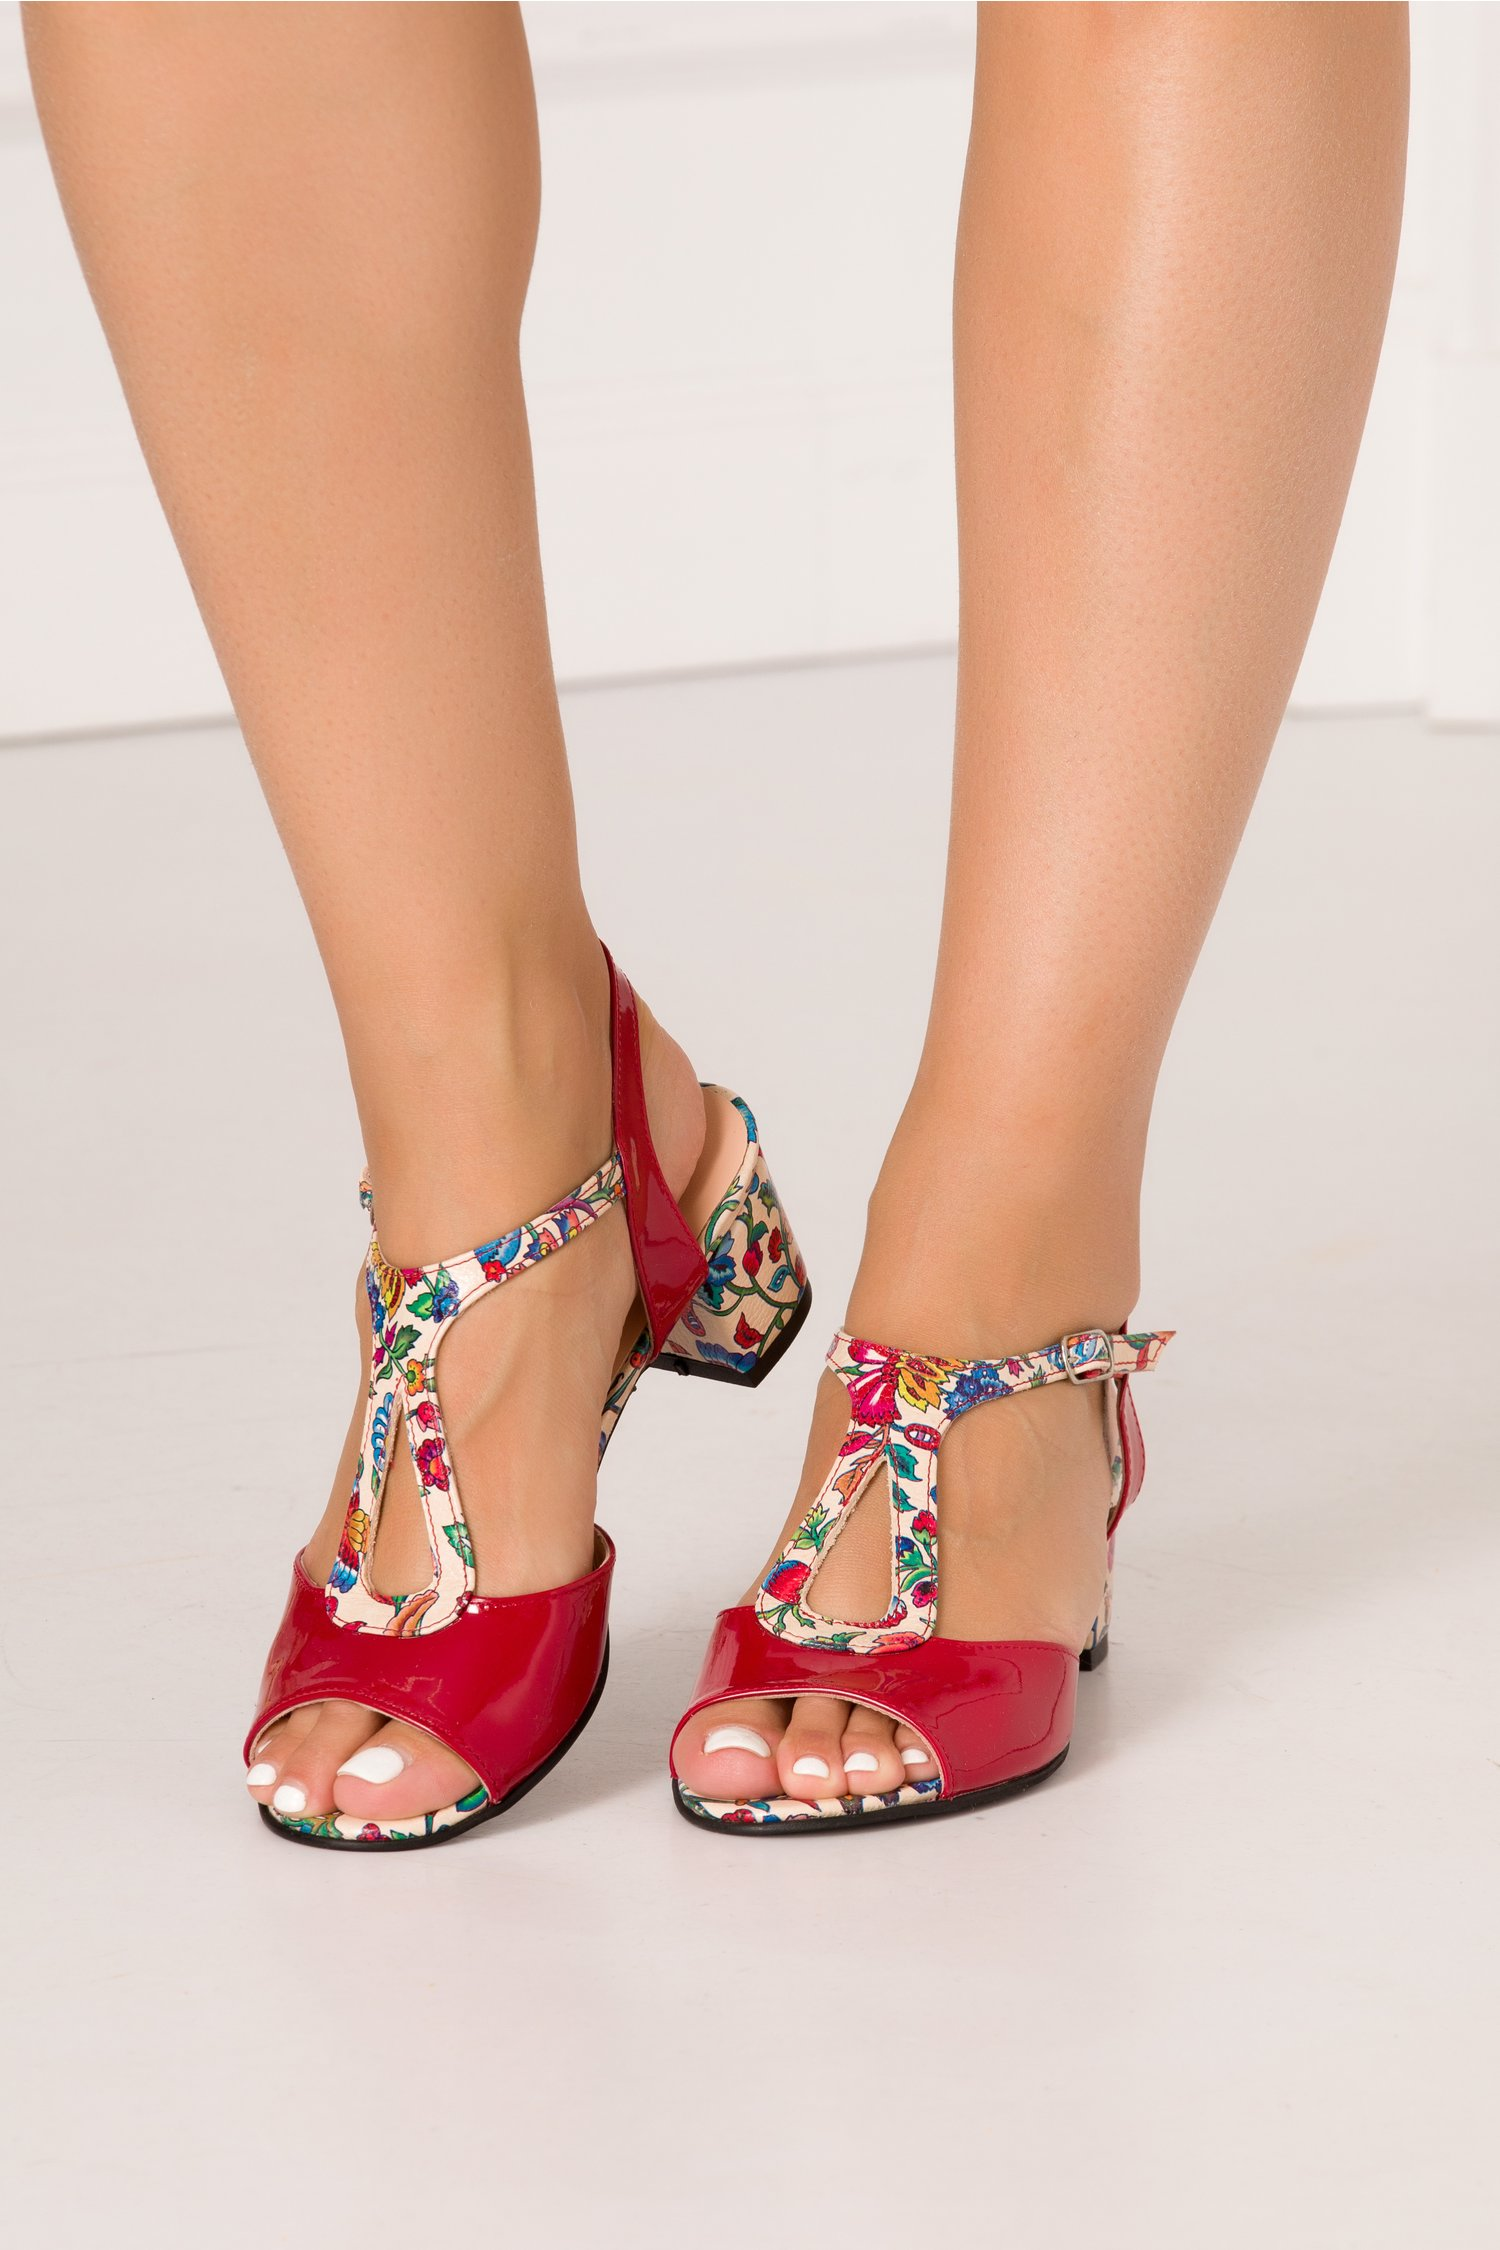 Sandale rosii din piele lacuita cu imprimeu floral si decupaje elegante